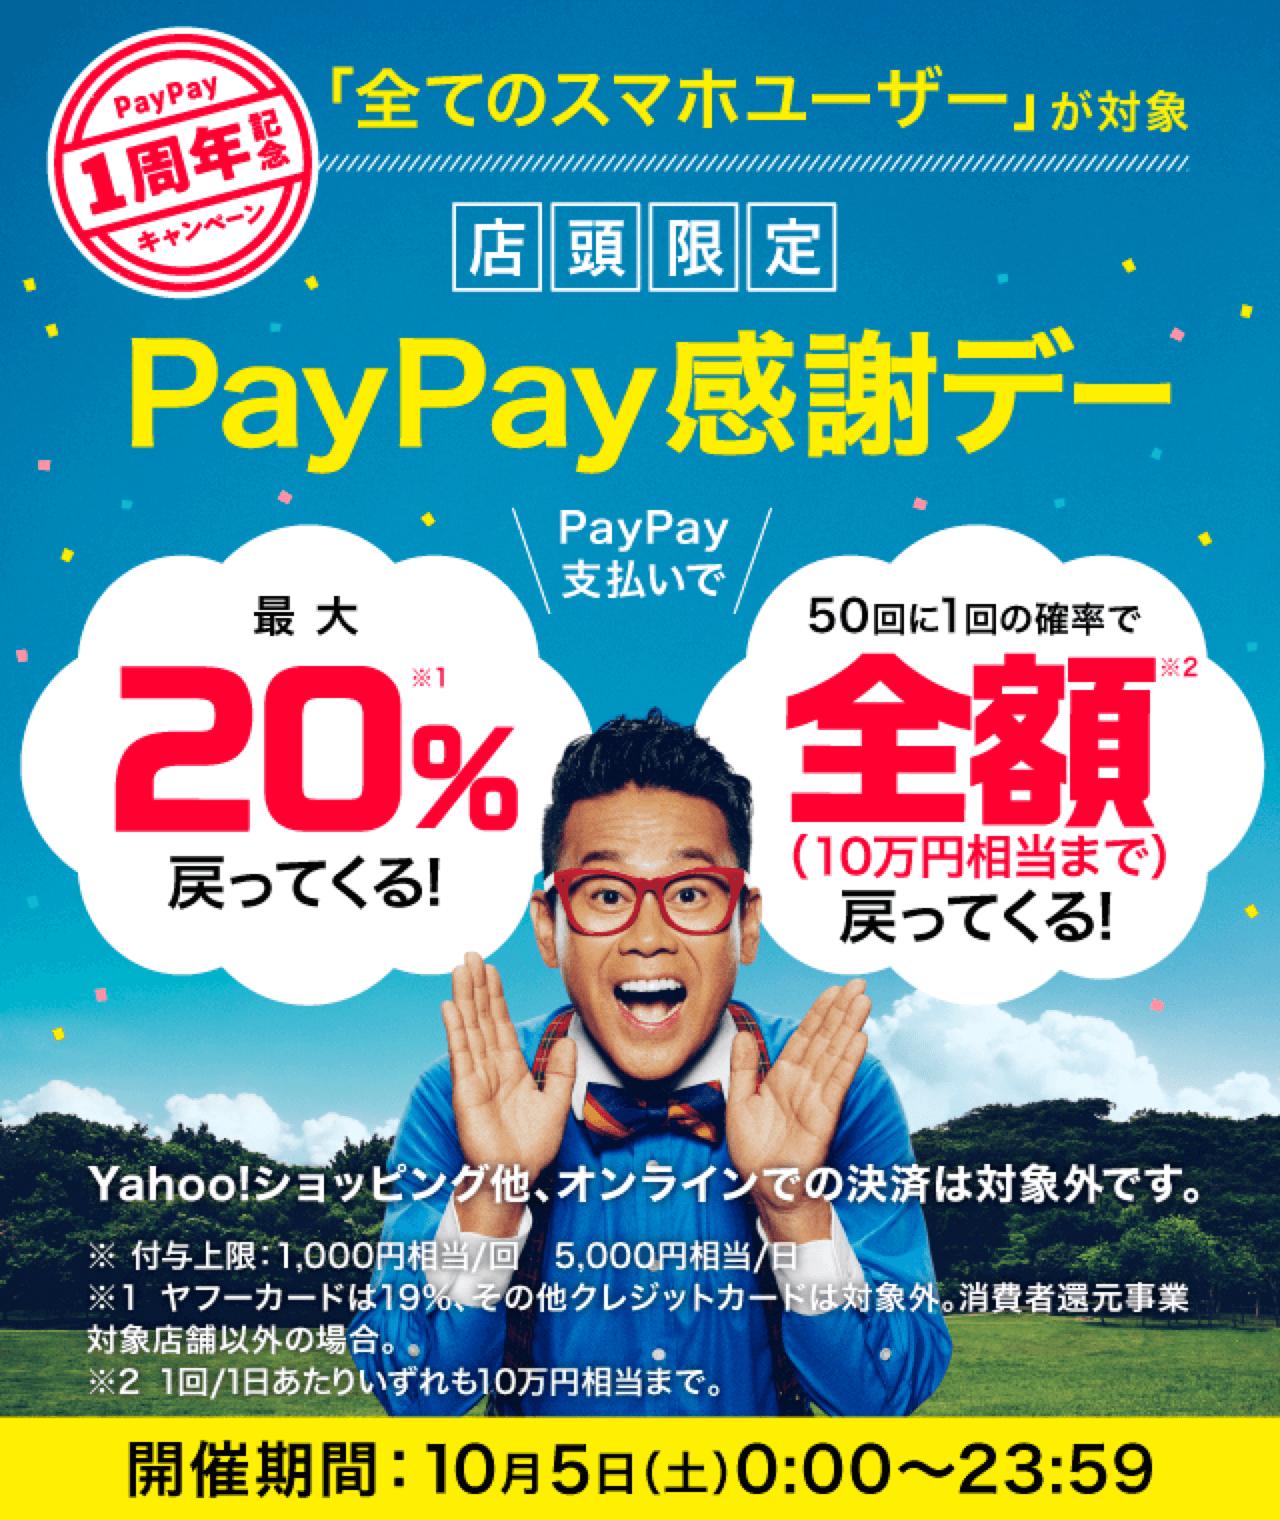 「全てのスマホユーザー」が対象 店頭限定 PayPay感謝デー